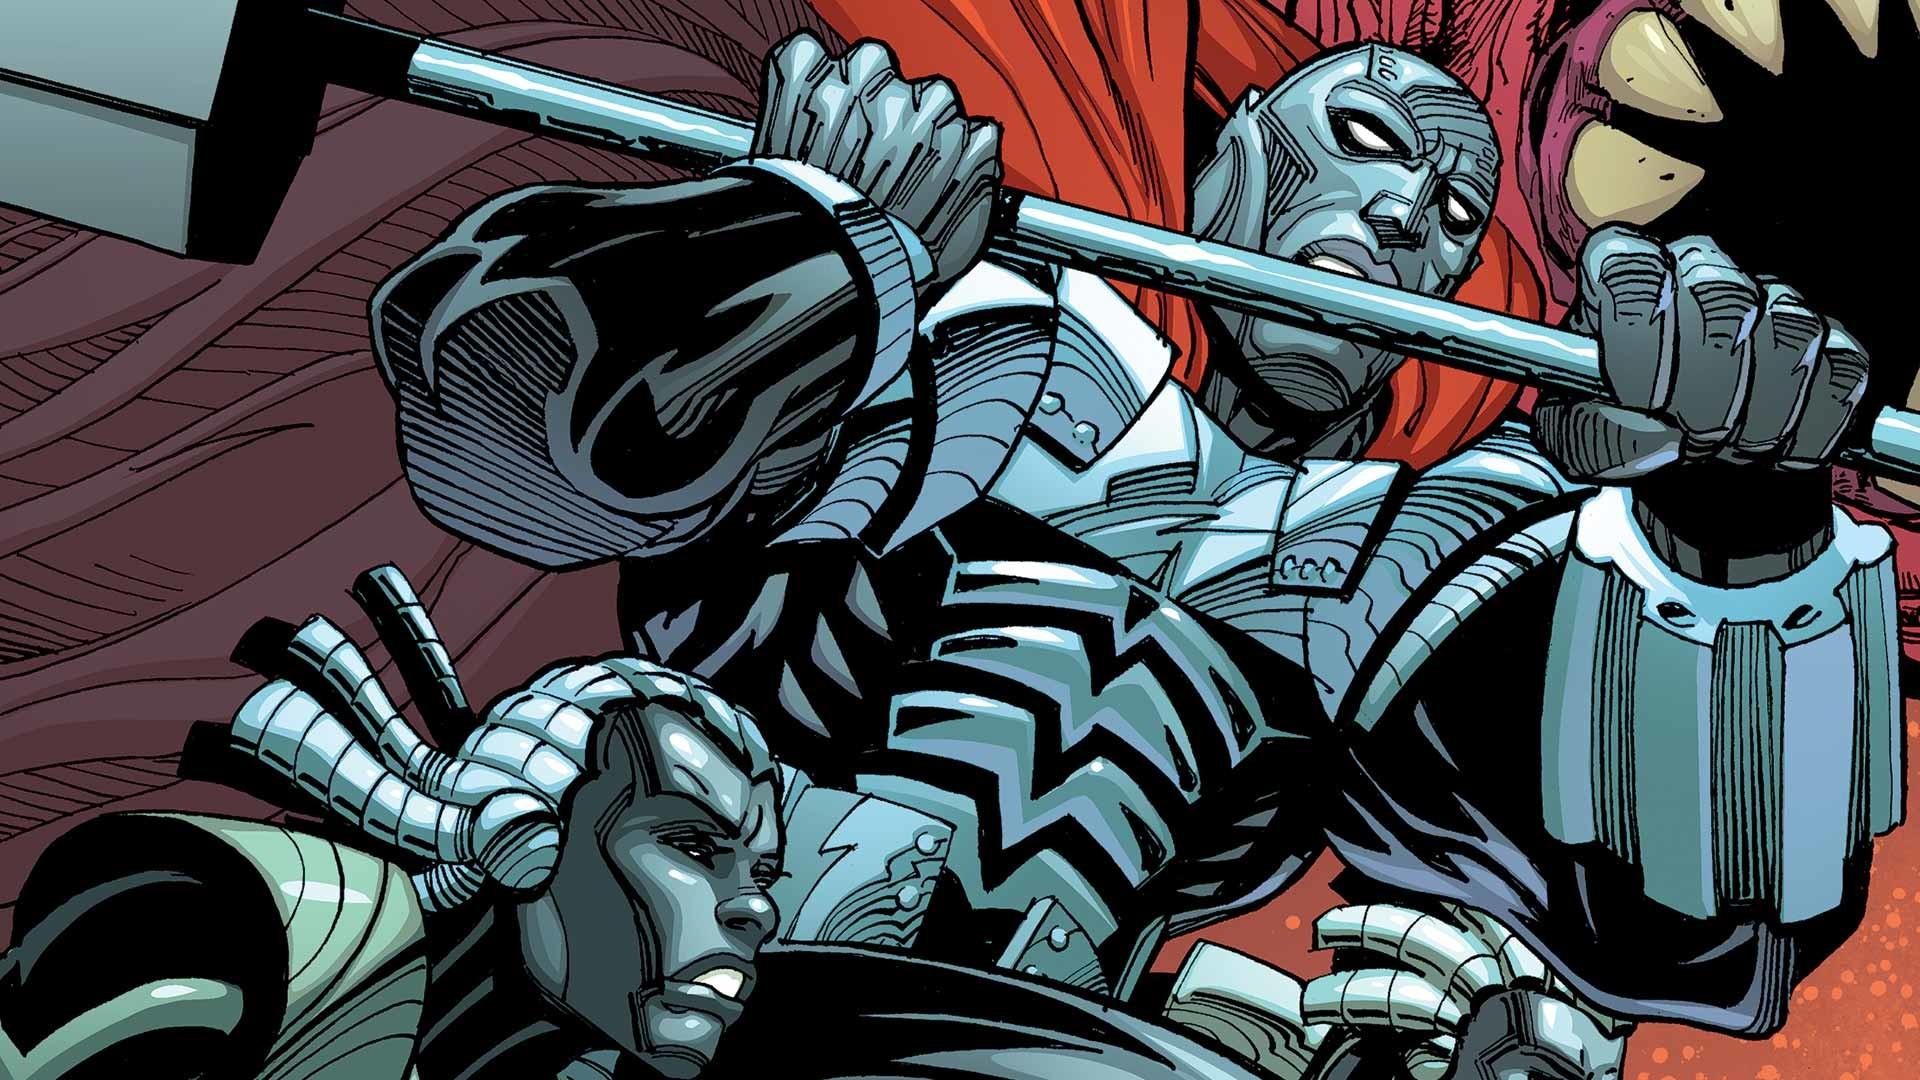 Res: 1920x1080, Comics - Convergence Superboy Wallpaper. HD ...